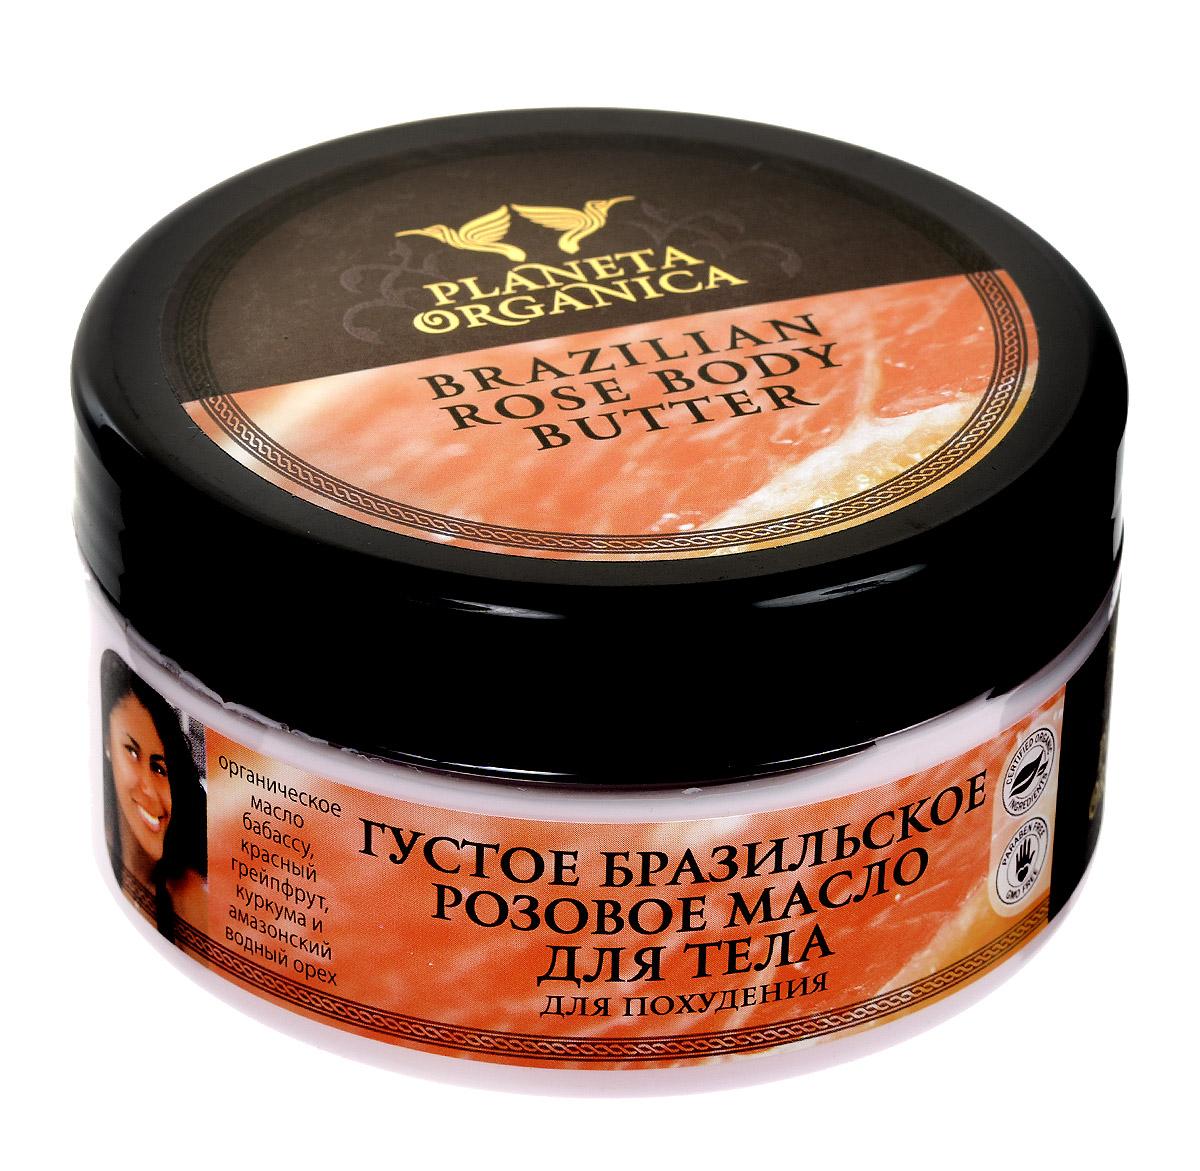 Planeta Organica Густое бразильское розовое масло для тела, для похудения, 300 мл071-1-0281Густое бразильское розовое масло Planeta Organica для тела, для похудения - густая текстура и легкое нанесение. Густое розовое масло возвращает коже тонус, упругость и эластичность. Пектин, содержащийся в красном грейпфруте, усиливает обмен веществ, тонизирует кожу, эффективно борется с целлюлитом. Амазонский водный орех активизирует расщепление жировых клеток, улучшая контуры тела. Благодаря токотриенолам, входящим в состав масла, бабассу обладает антиоксидантным и антивозрастным действием. Куркума увлажняет и смягчает, делает кожу подтянутой и гладкой. Густое масло выравнивает контуры тела и способствует похудению, а также замедляет процесс накопления жировых отложений. Характеристики:Объем: 300 мл. Артикул: 071-1-0281. Производитель: Россия. Товар сертифицирован.